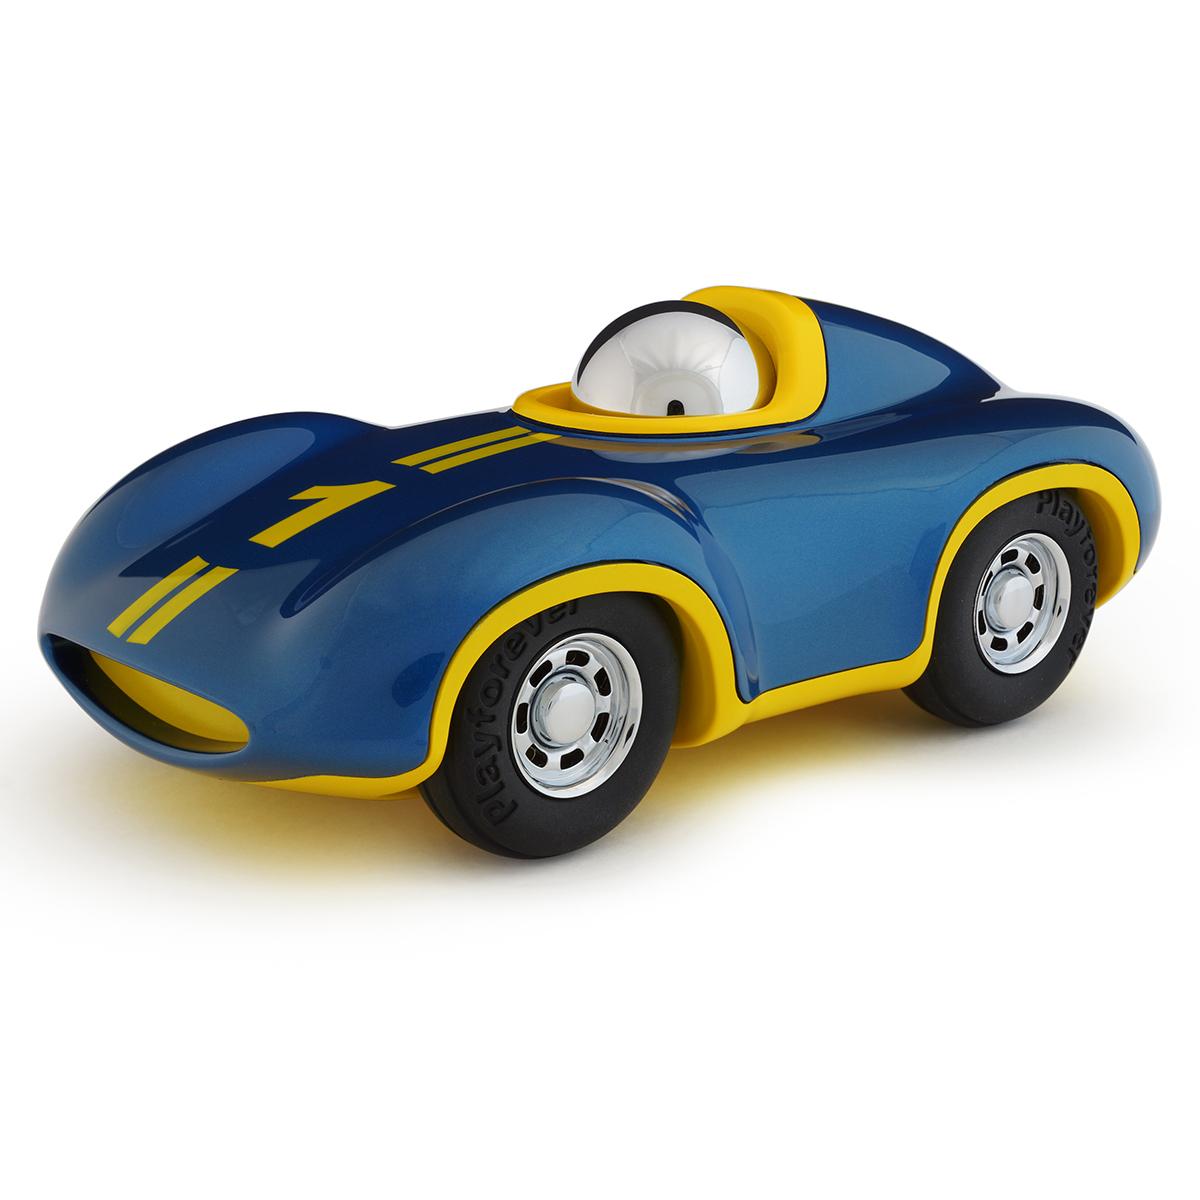 Mes premiers jouets Voiture Speedy Le Mans - Bleu Roi et Jaune Voiture Speedy Le Mans - Bleu Roi et Jaune